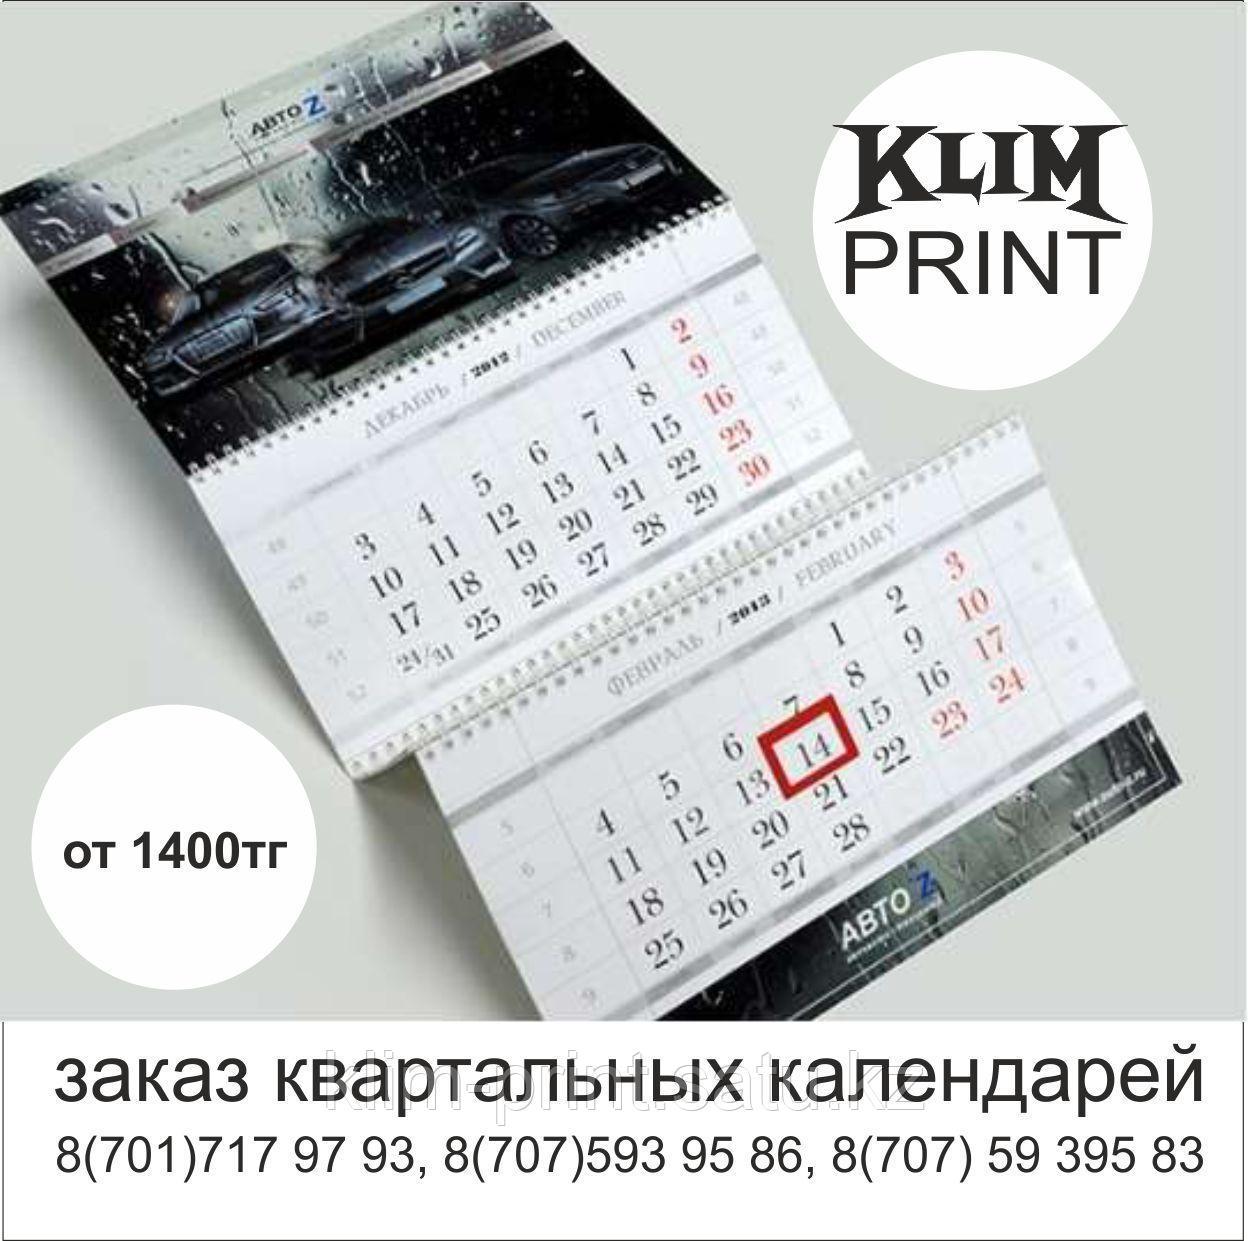 Календари печать на 2022 год